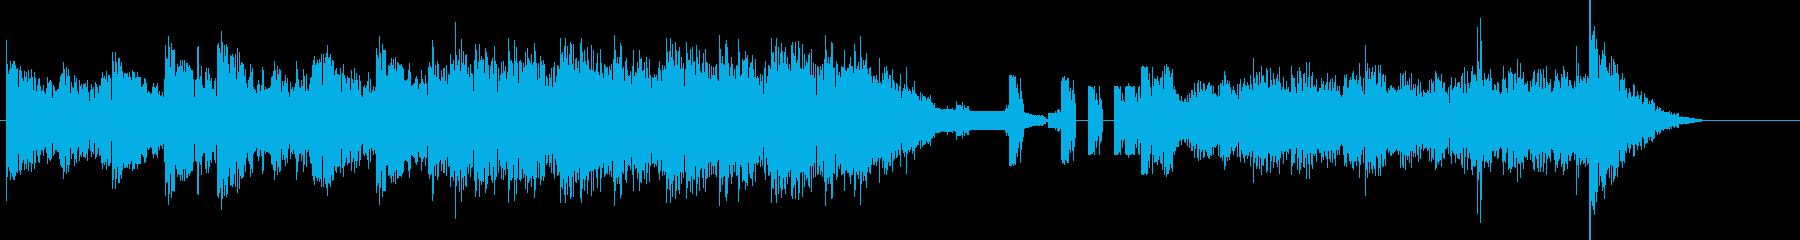 無機質かつ雄々しいBGMの再生済みの波形